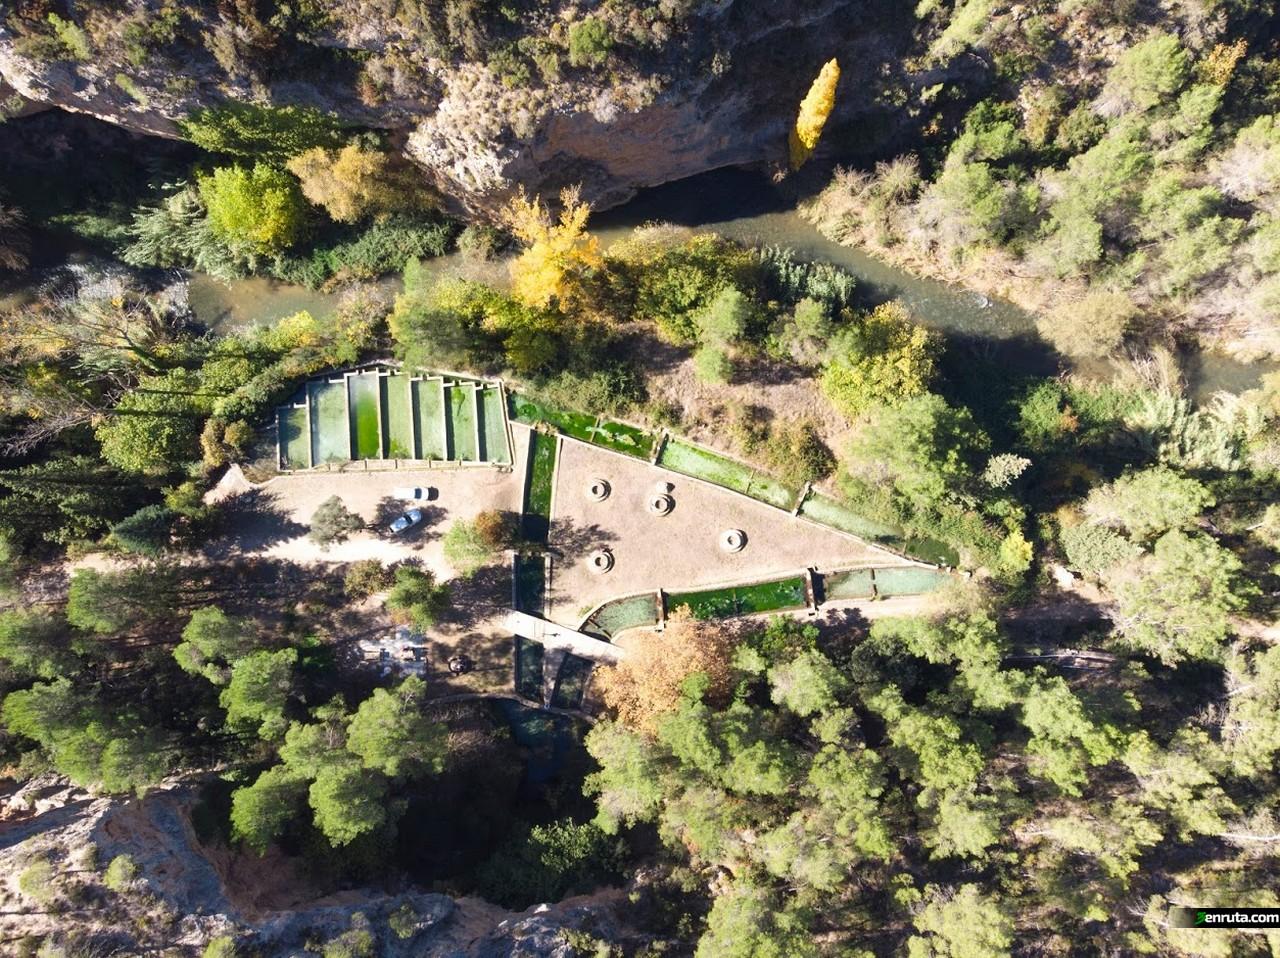 Vista aérea de la piscifactoría de la Tosquilla